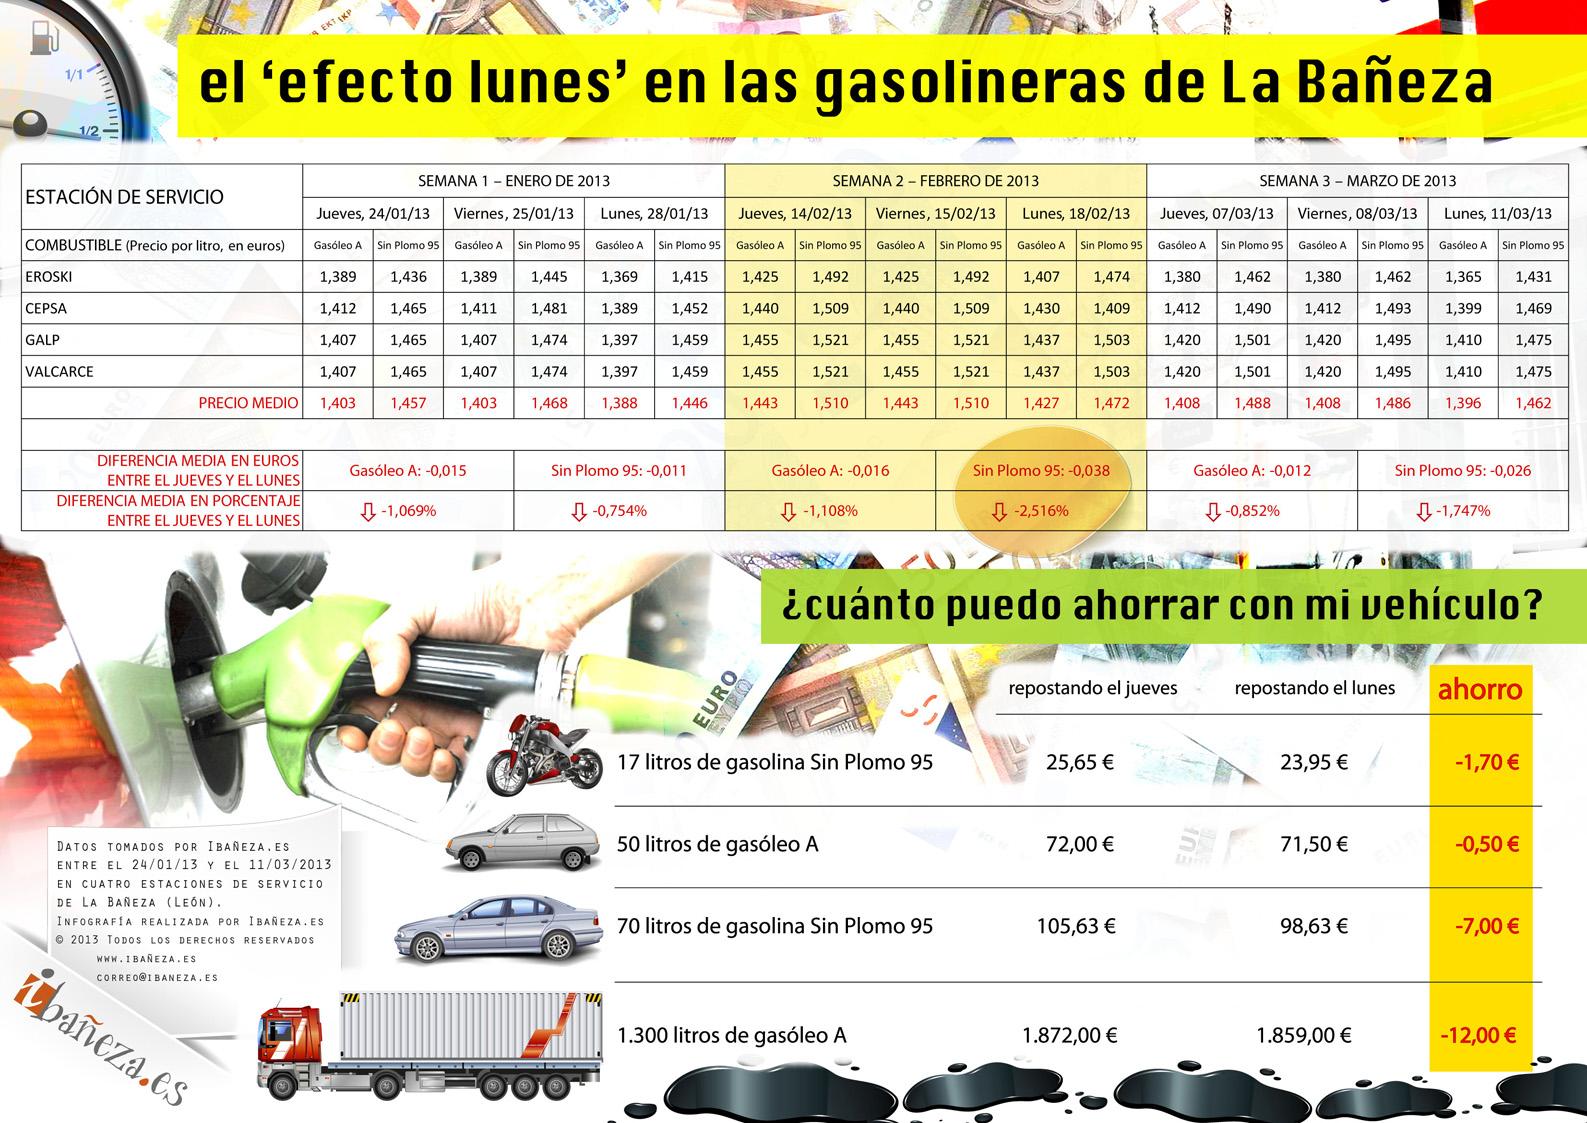 infografía realizada por Ibañeza.es